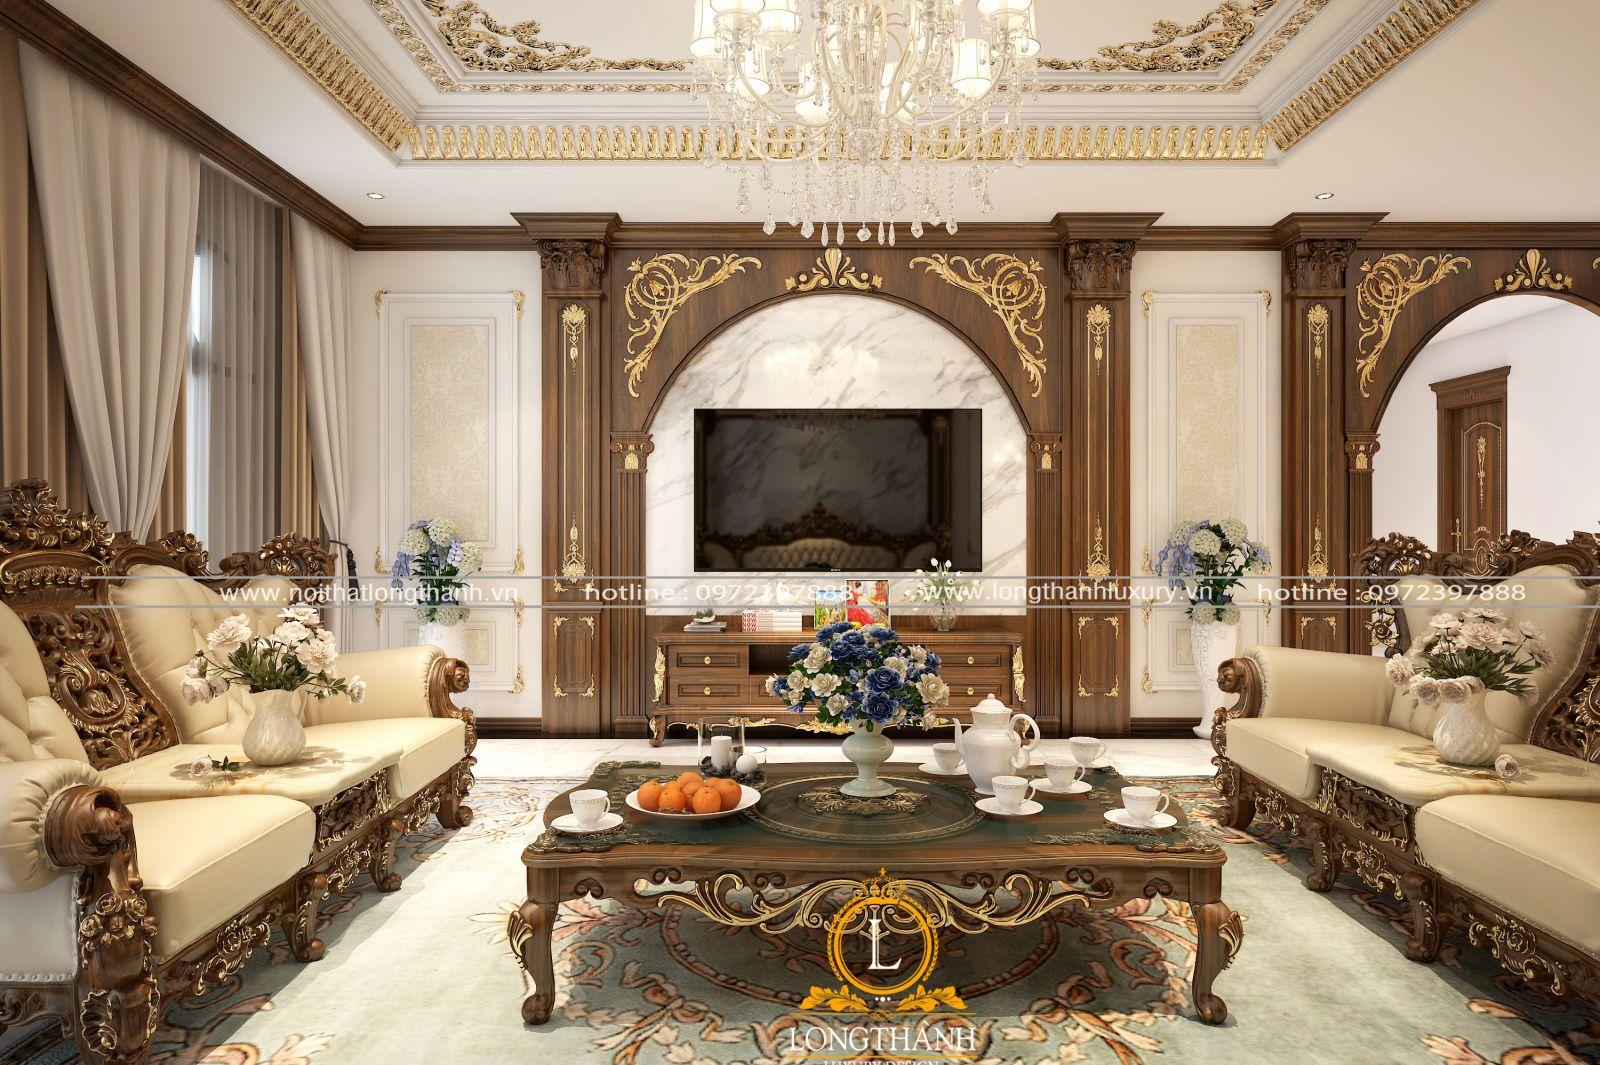 Mẫu trần thạch cao tân cổ điển cho phòng khách dát vàng thể hiện gu thẩm mỹ riêng của chủ nhân